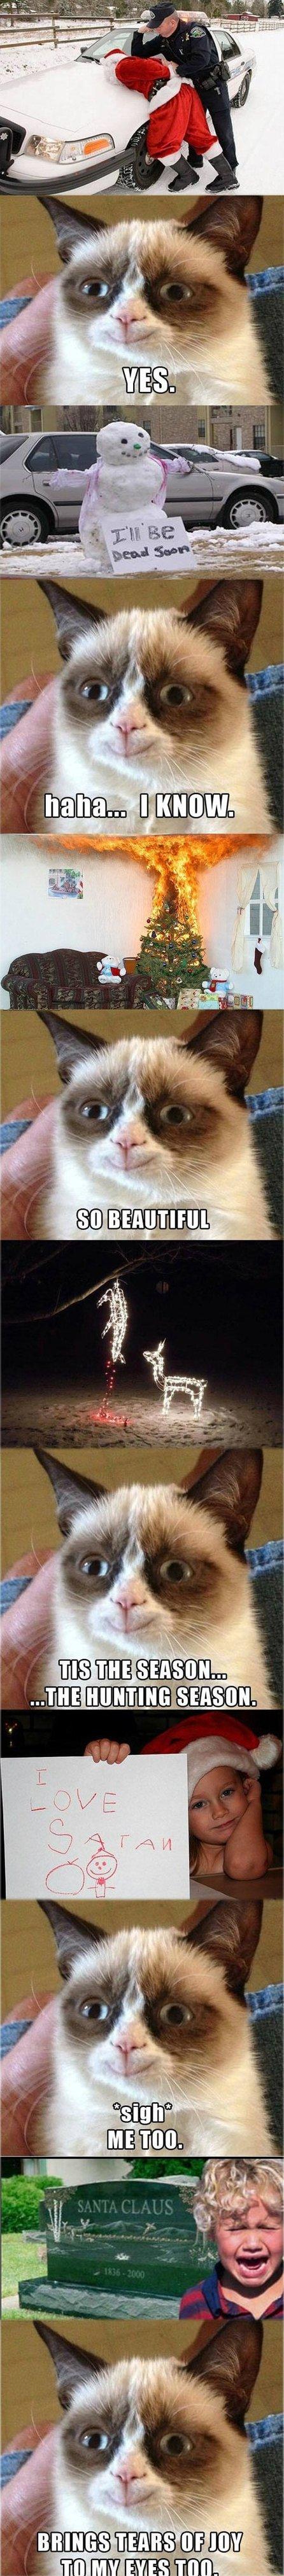 Best grumpy cat pictures